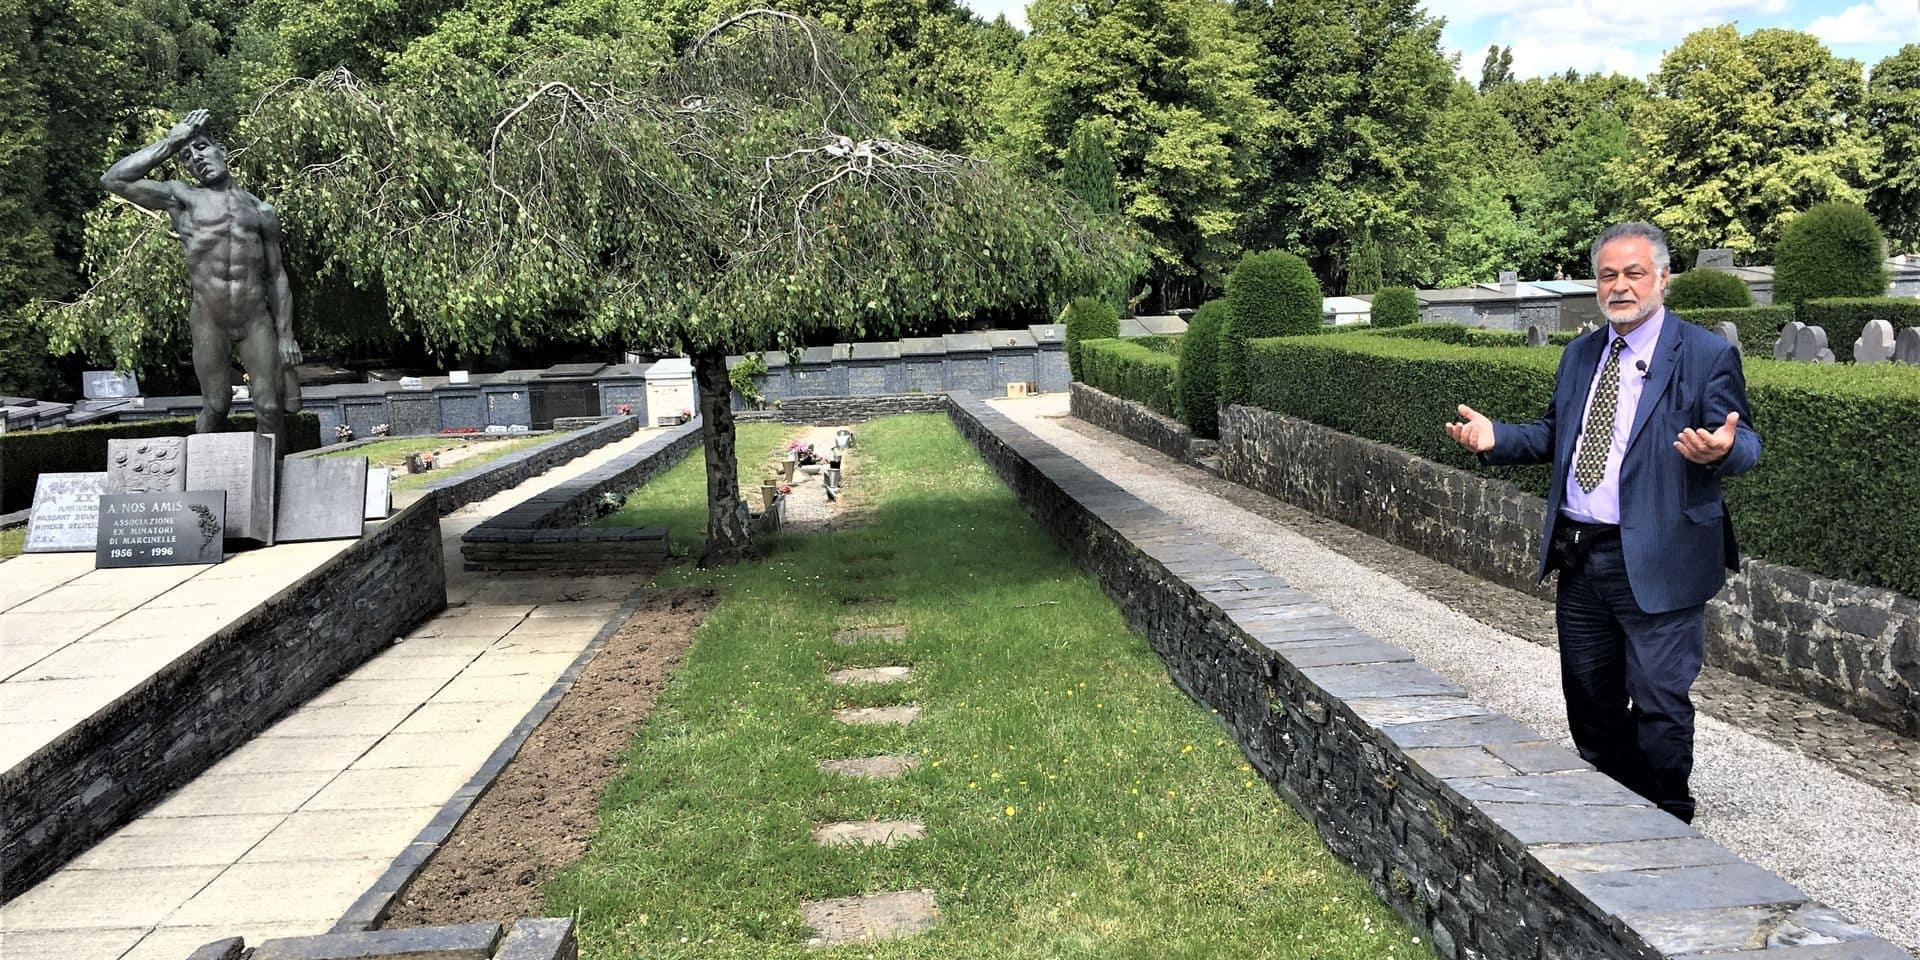 L'exhumation des mineurs inconnus du Cazier en bonne voie: le bourgmestre de Charleroi signera l'autorisation dès qu'elle lui sera soumise